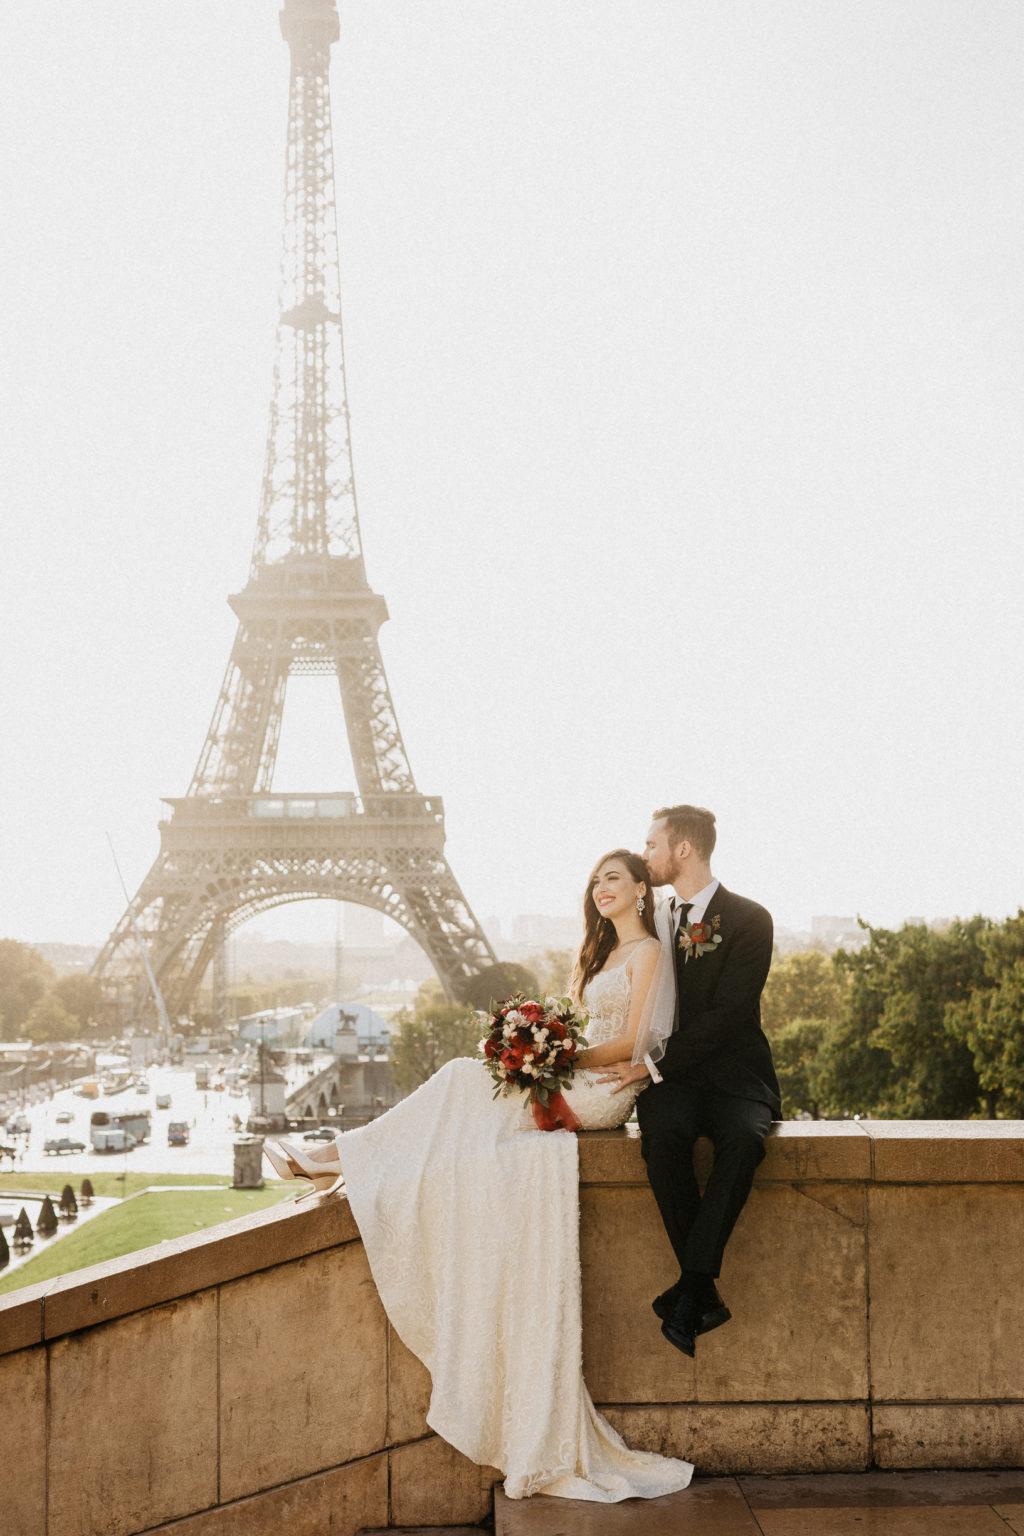 Eiffel Tower in Trocadéro